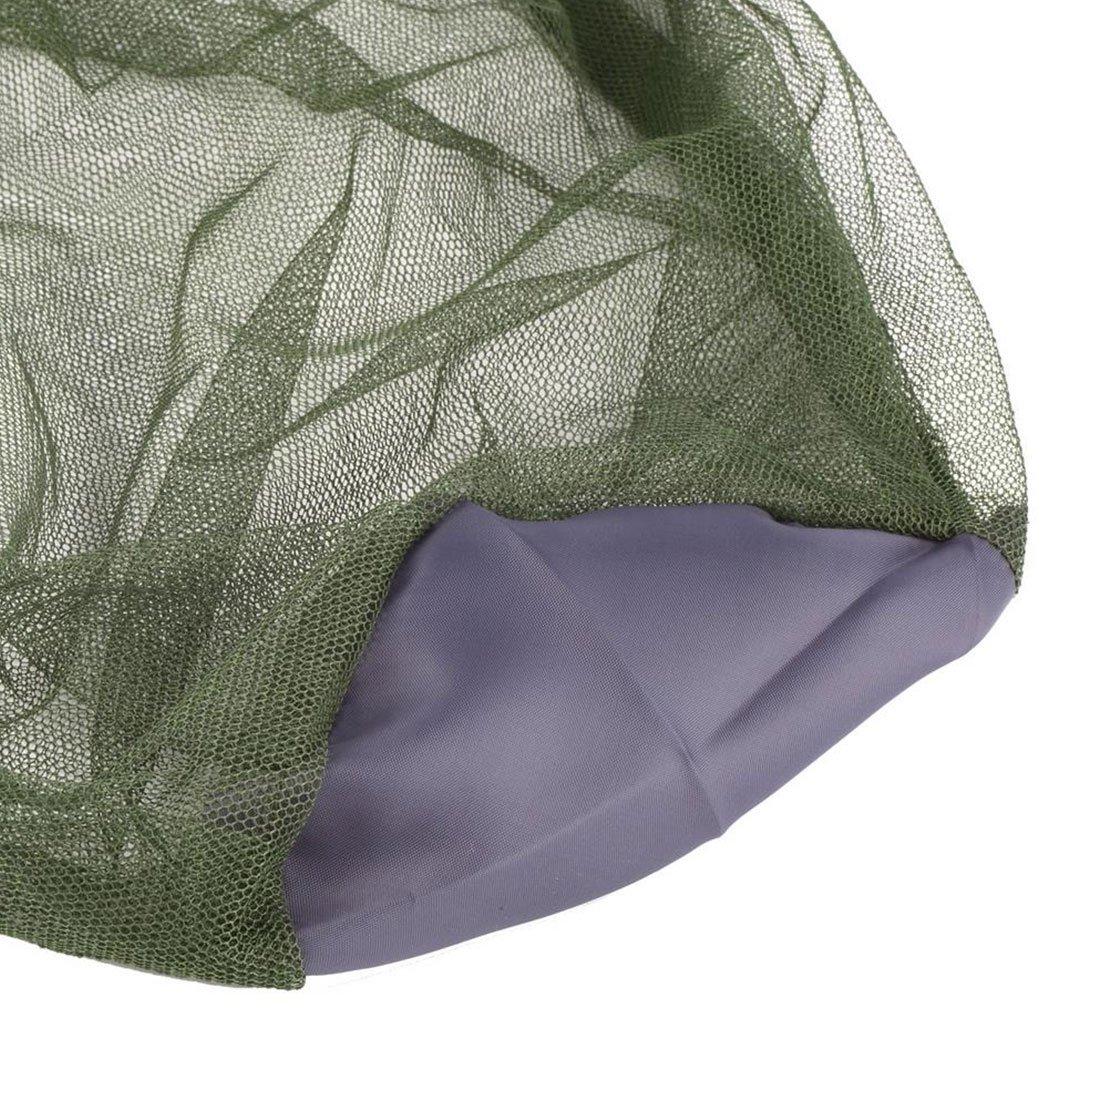 Equipo de Campamento Anti-Midge Mosquito Insecto Sombrero Malla de Malla Cabeza Red Protector de Cara para Viajes al Aire Libre Camping